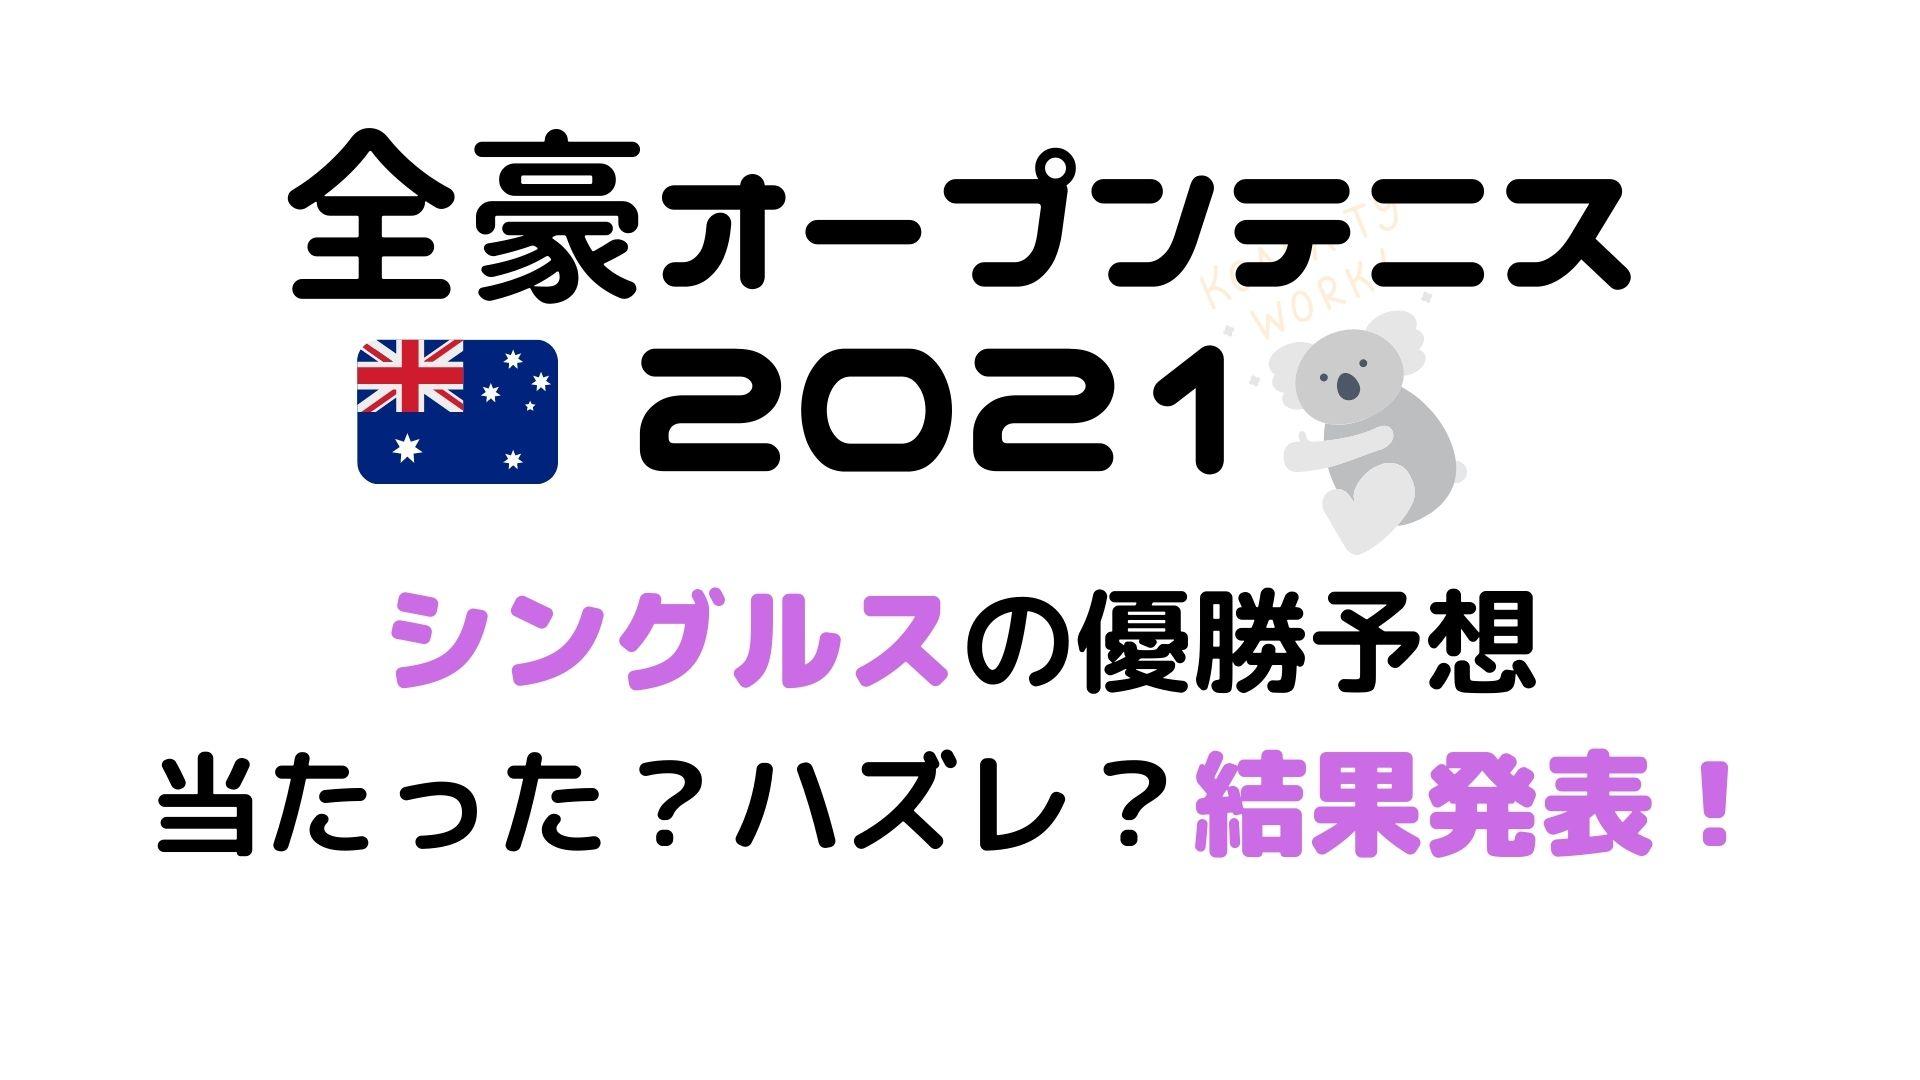 全豪オープンテニス2021 優勝者予想の結果発表!あたり?ハズレ?